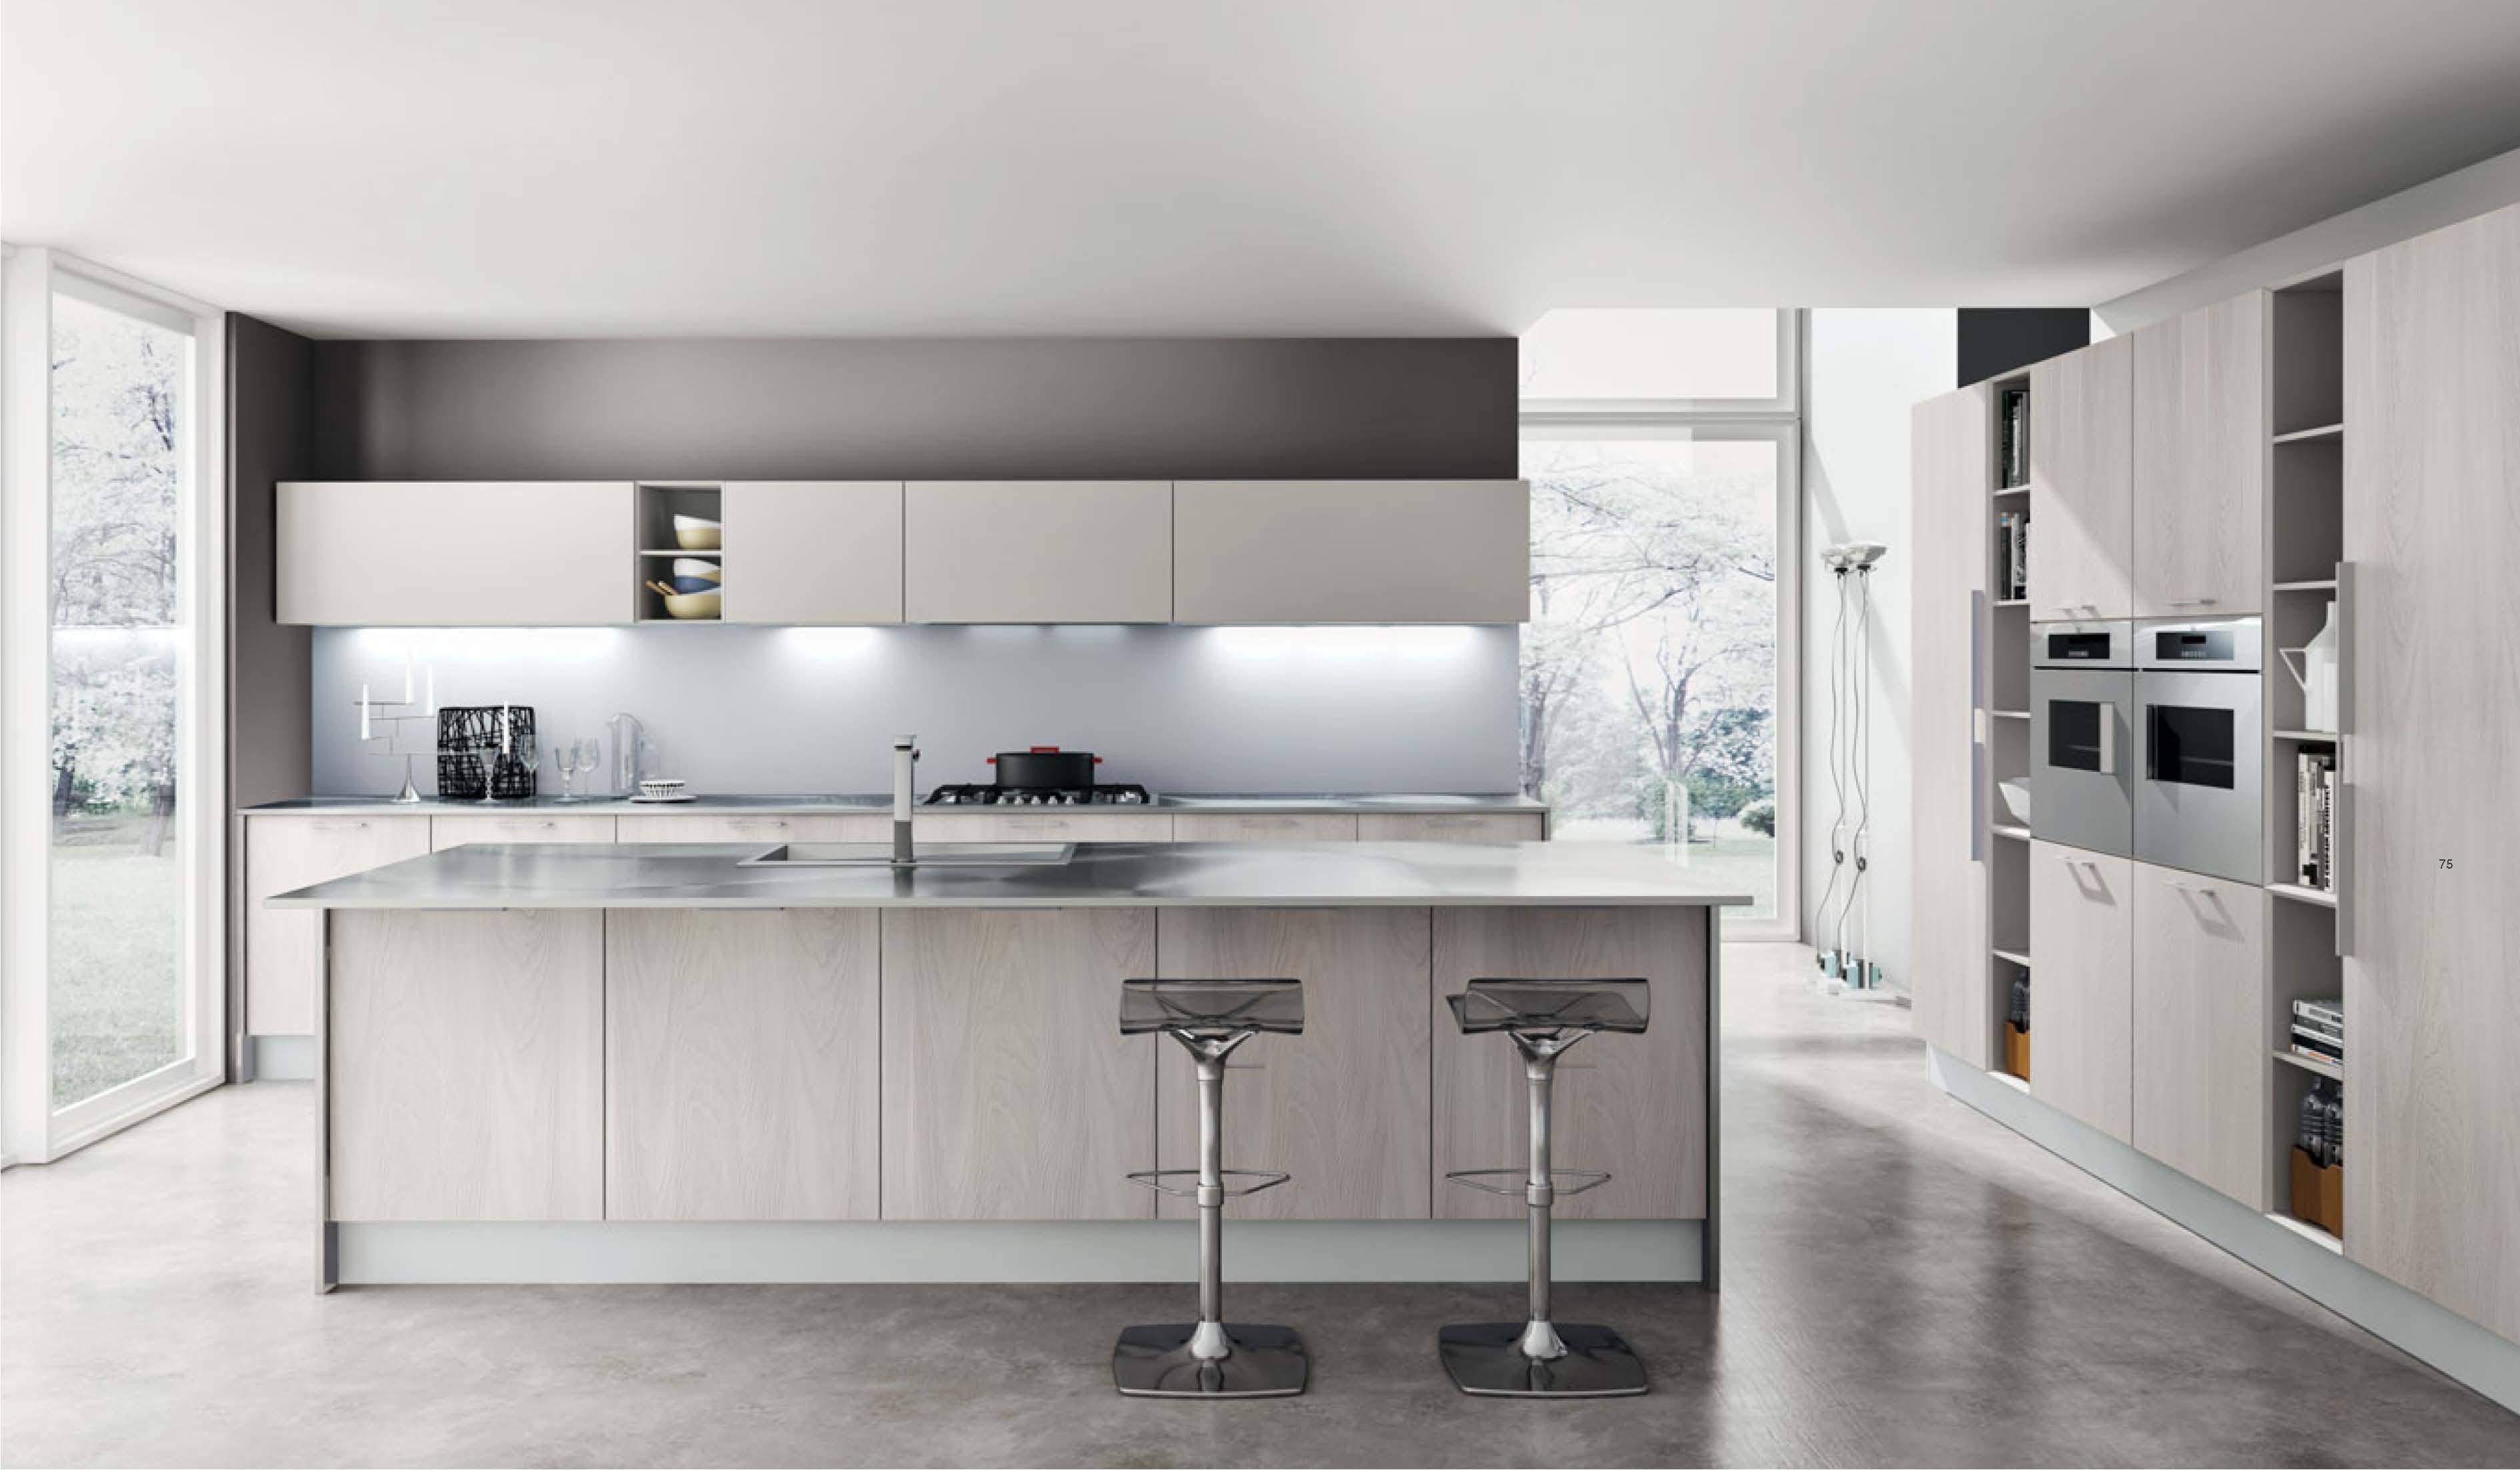 Cucina in laminato fiammato seta - Arredamento moderno